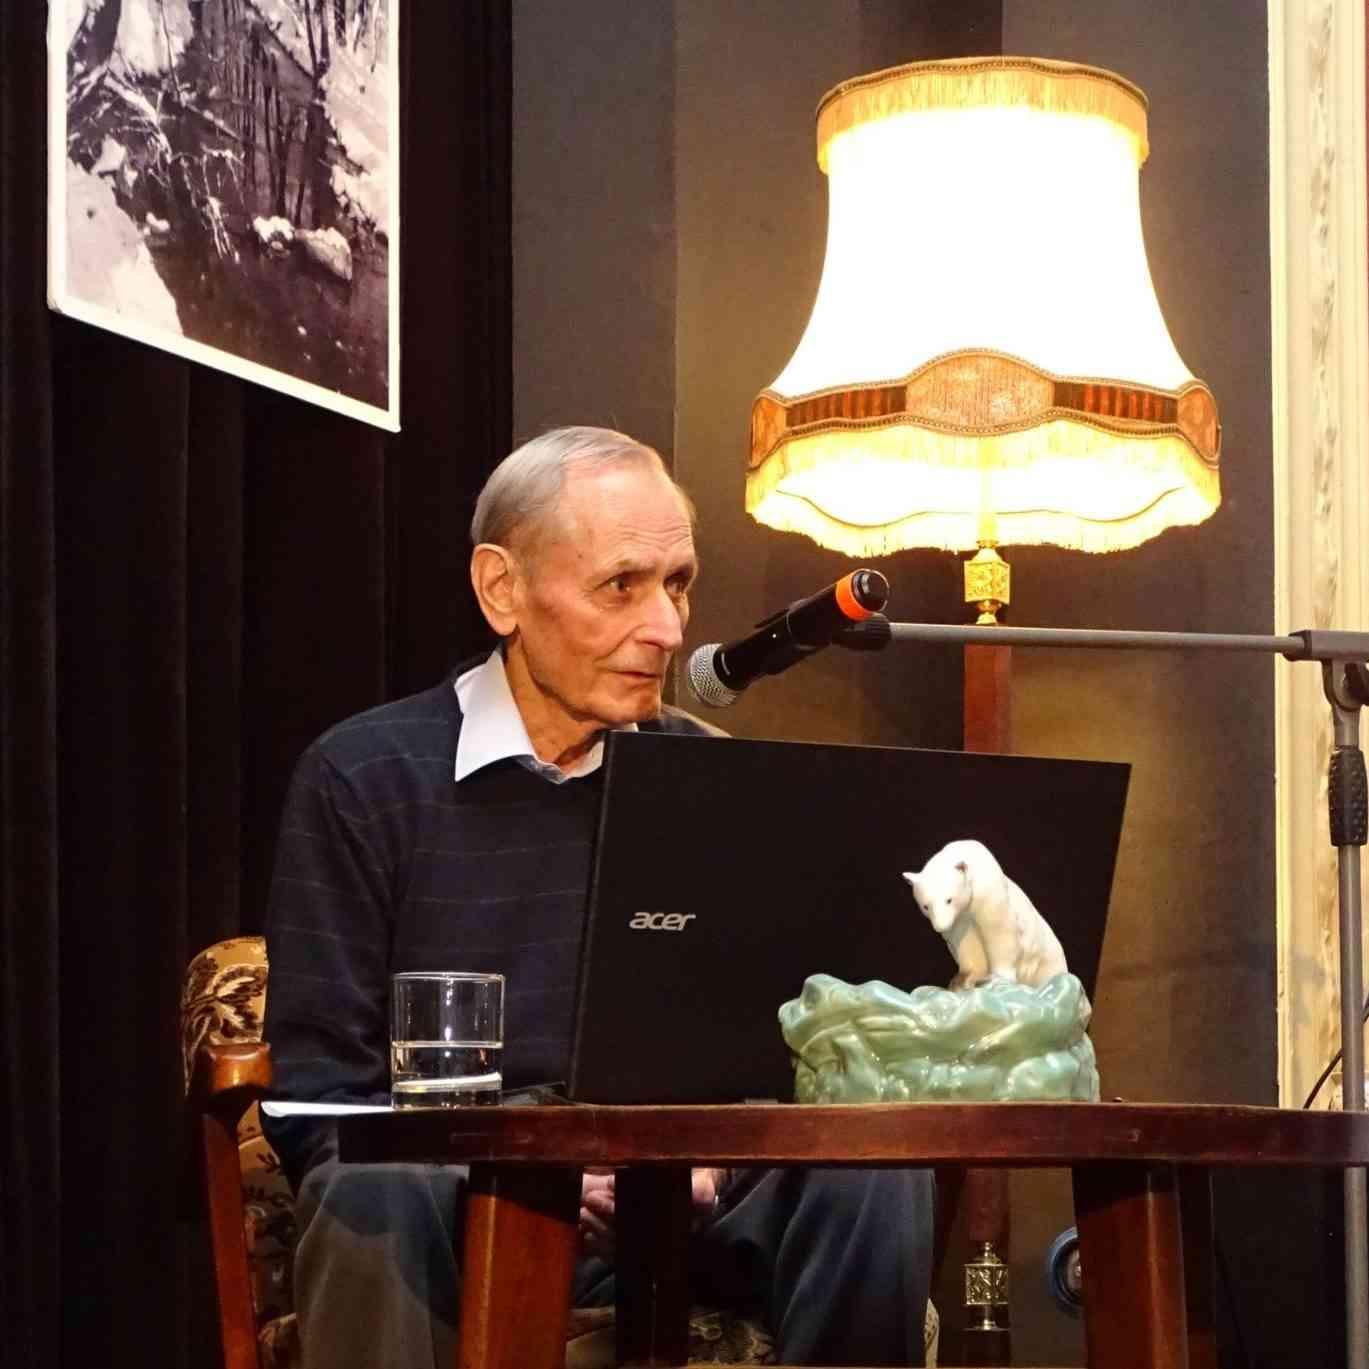 Starostka nominovala Matúša Šrámka na ocenenie Bratislavského samosprávneho kraja